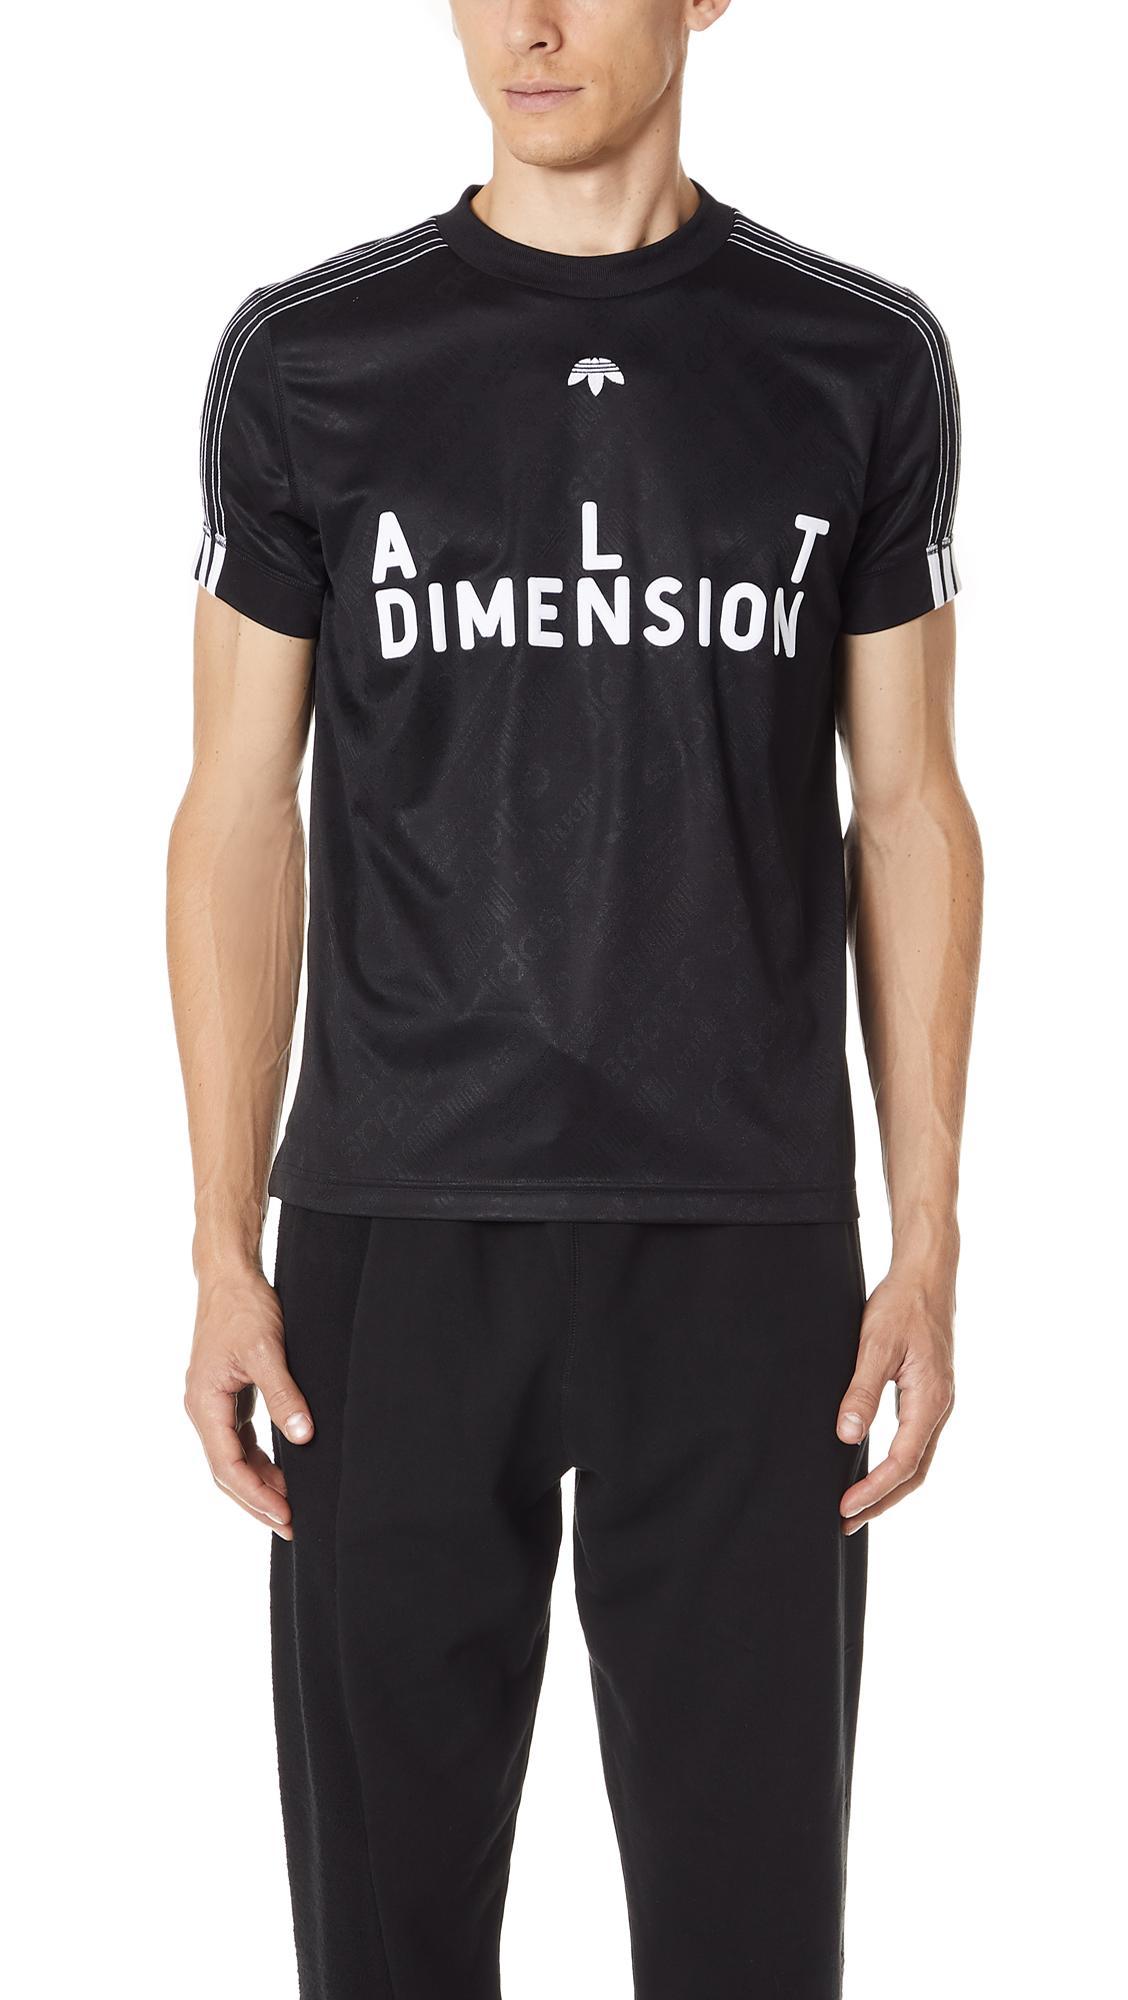 Adidas Originals By Alexander Wang Adidas Original By Alexander Wang T-Shirt In Black